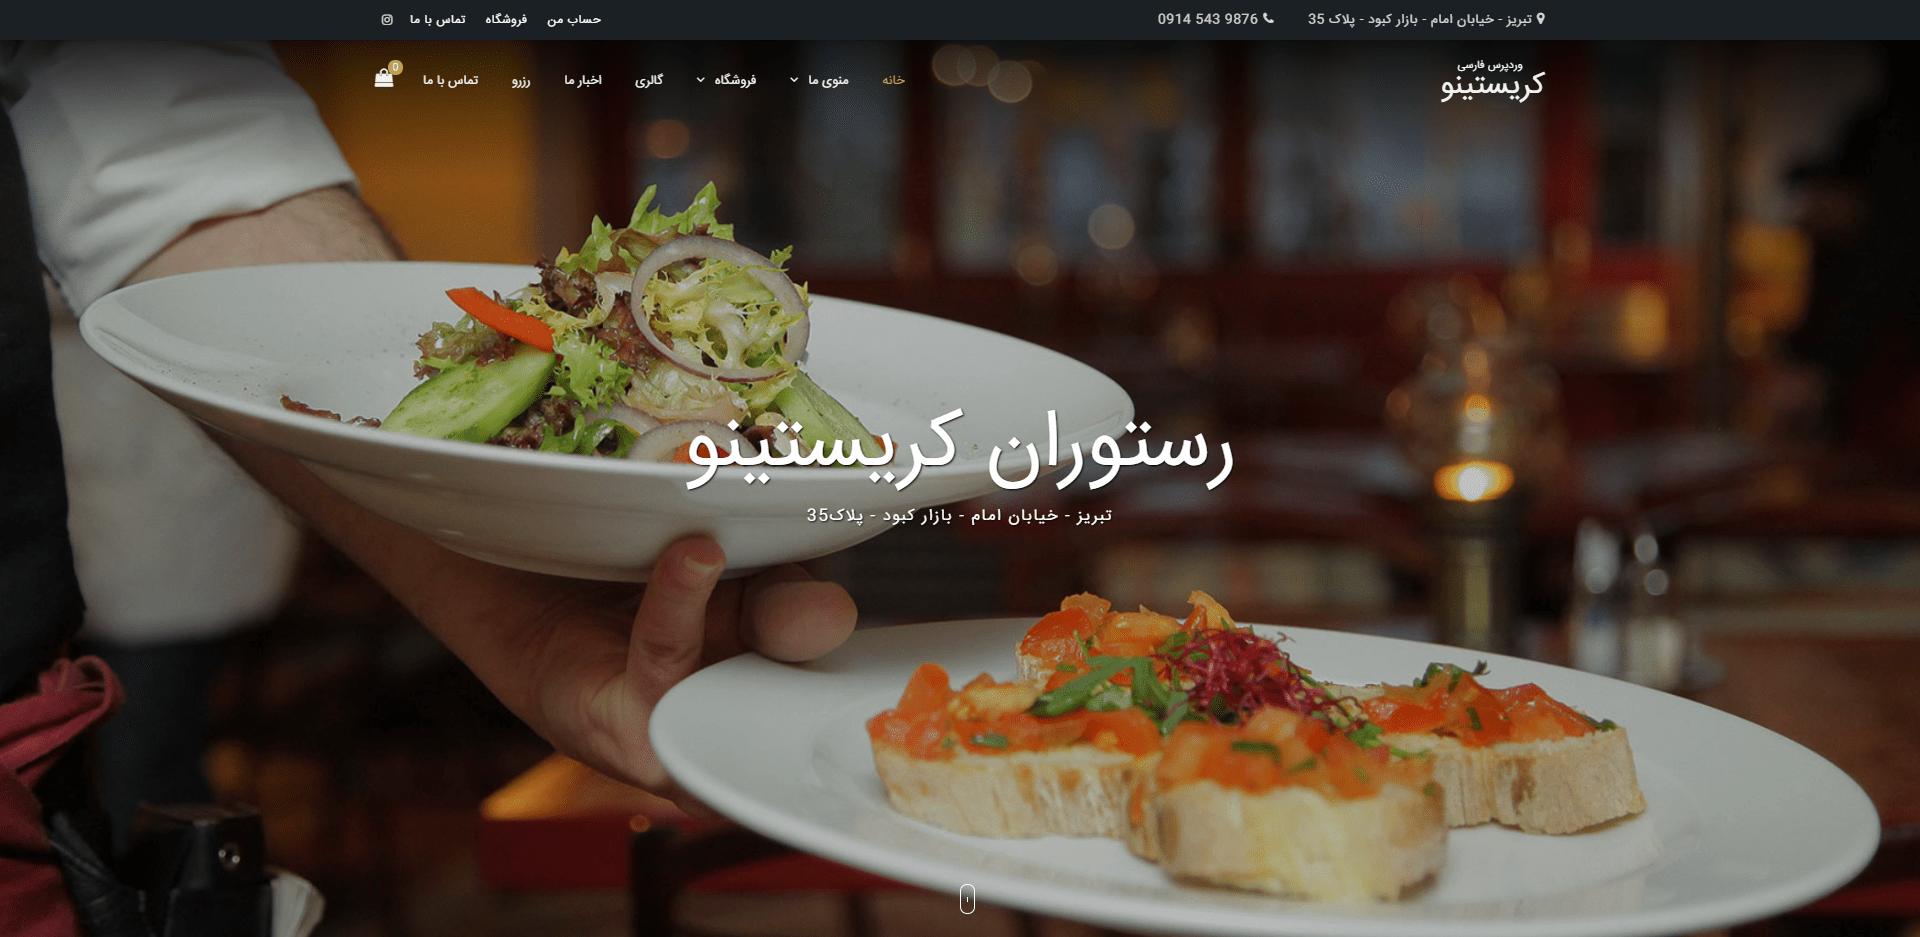 بهترین قالب سفارش آنلاین غذا Cristiano